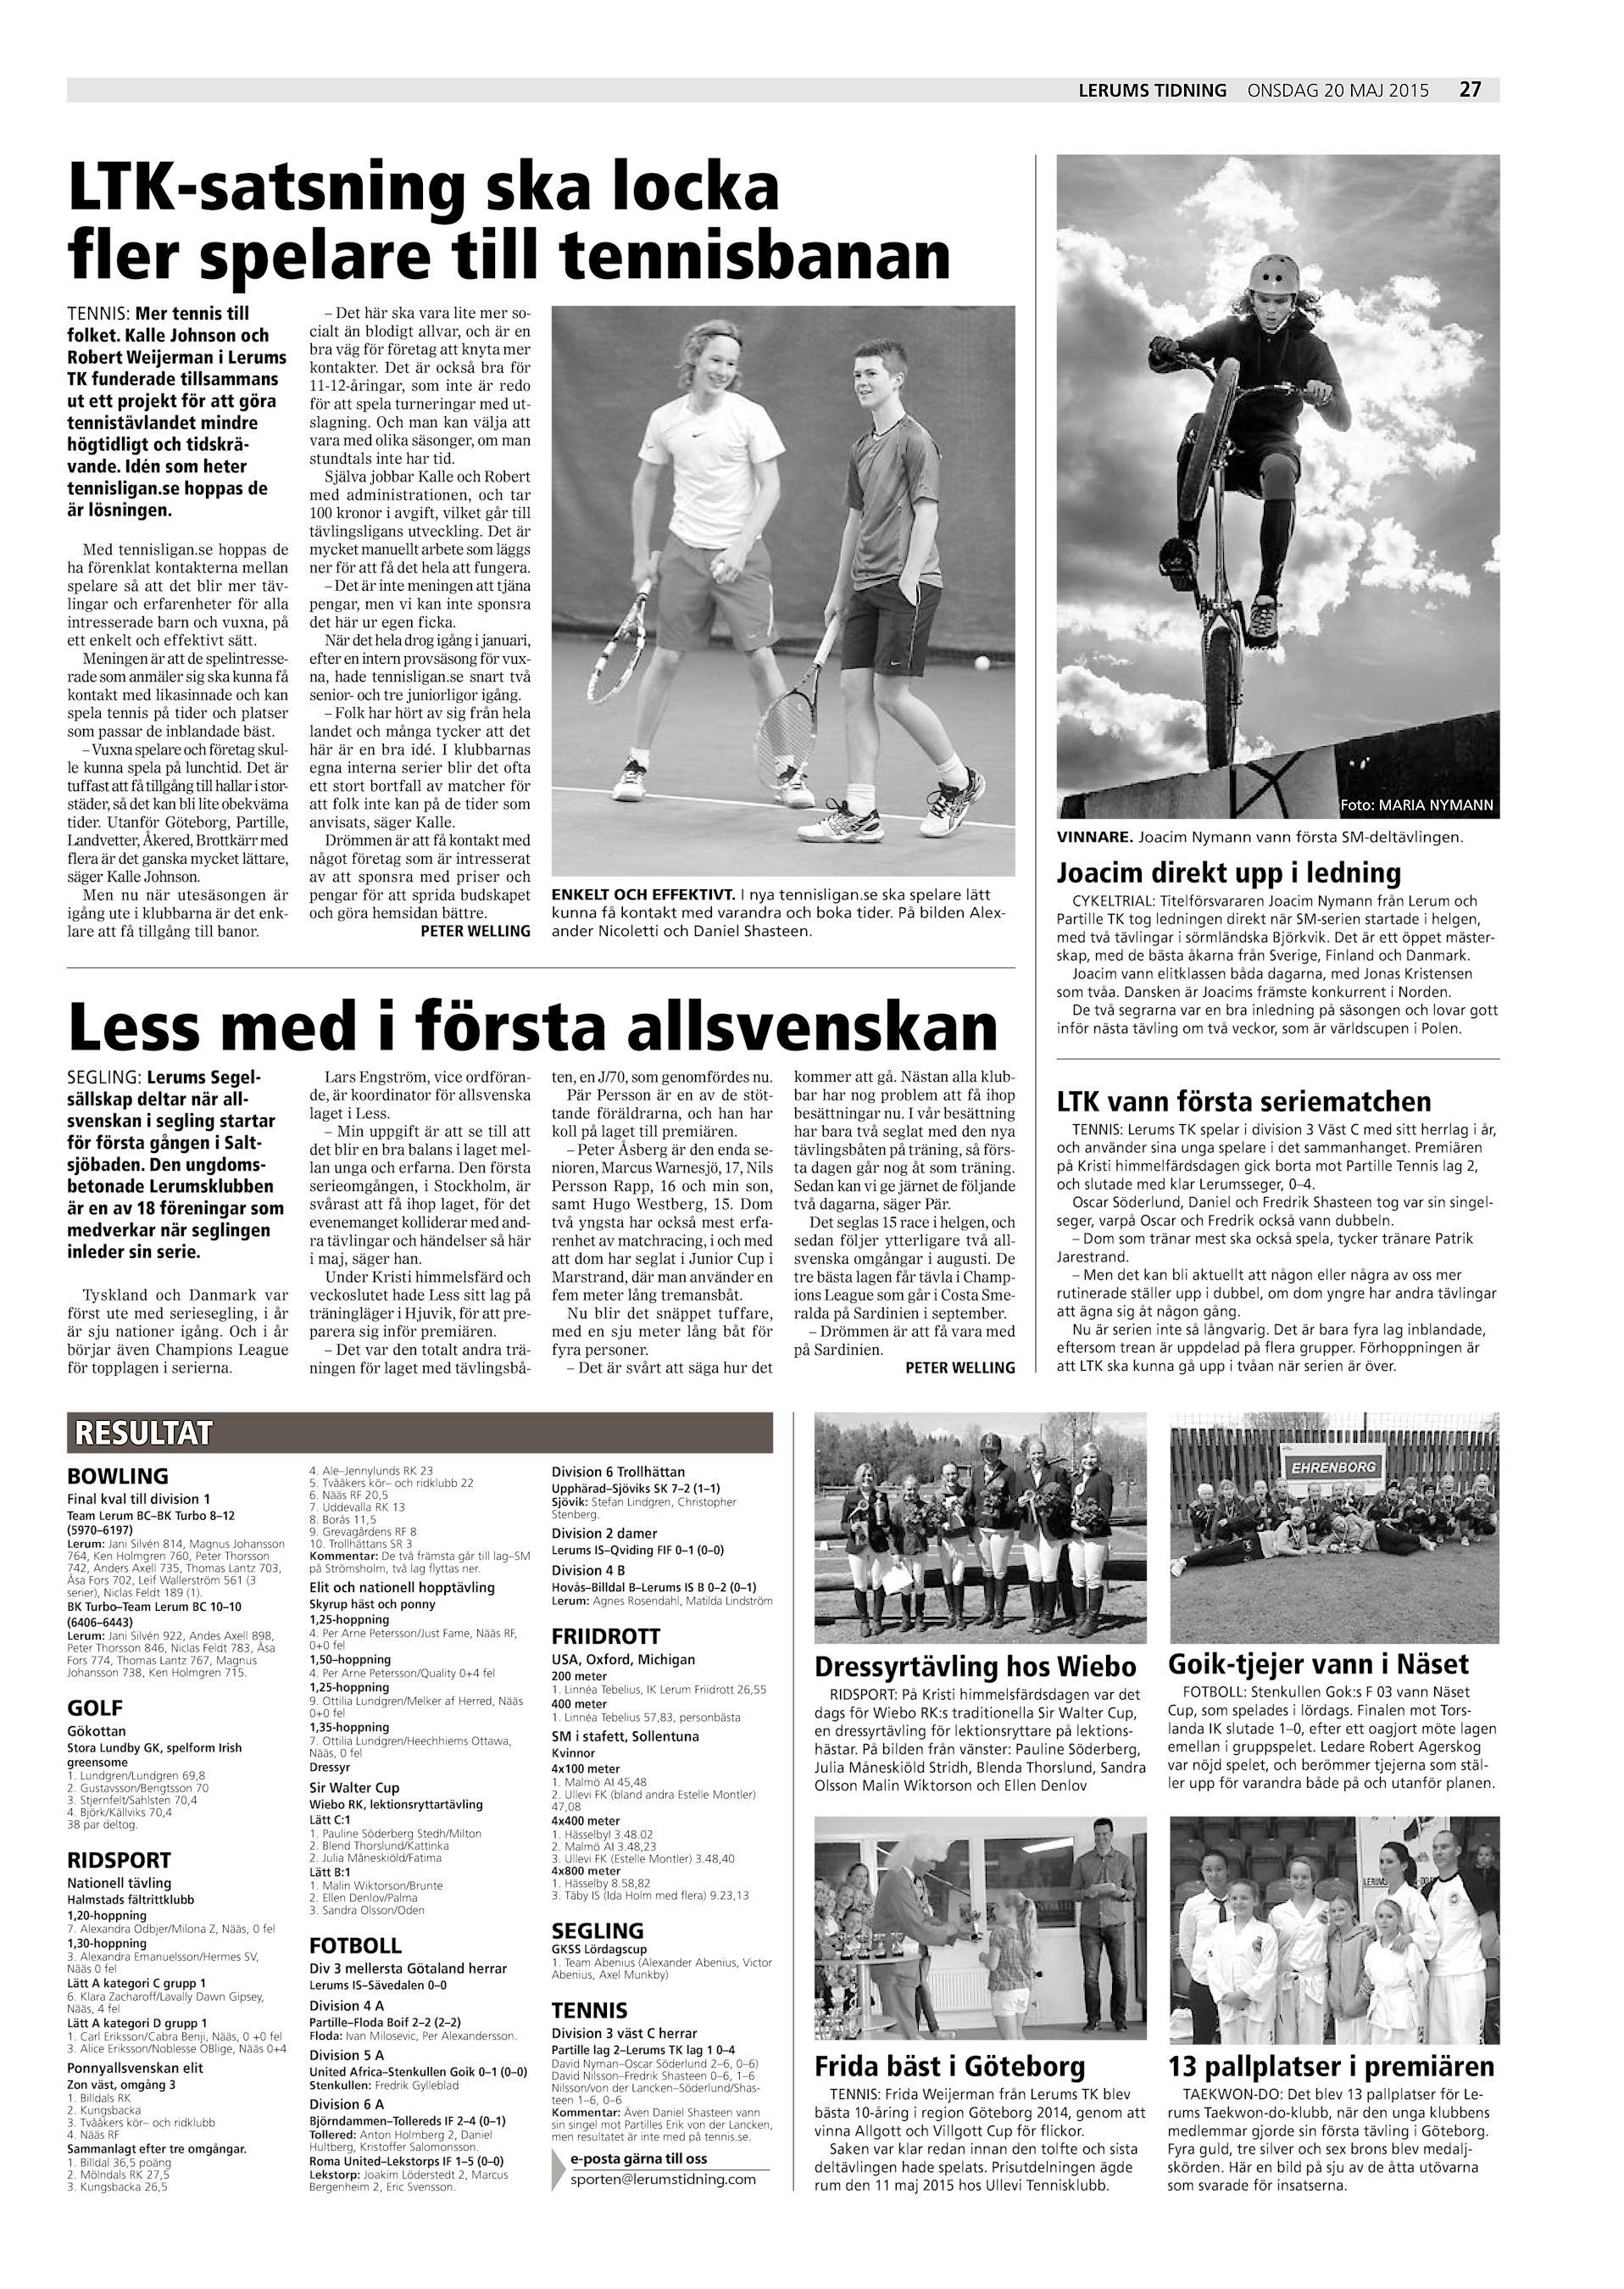 Lerums Tidning onsdag 20 maj 2015 27 LTK-satsning ska locka fler spelare  till tennisbanan TENNIS  Mer tennis till folket. Kalle Johnson och Robert  Weijerman ... a3aadc8e9bd5b